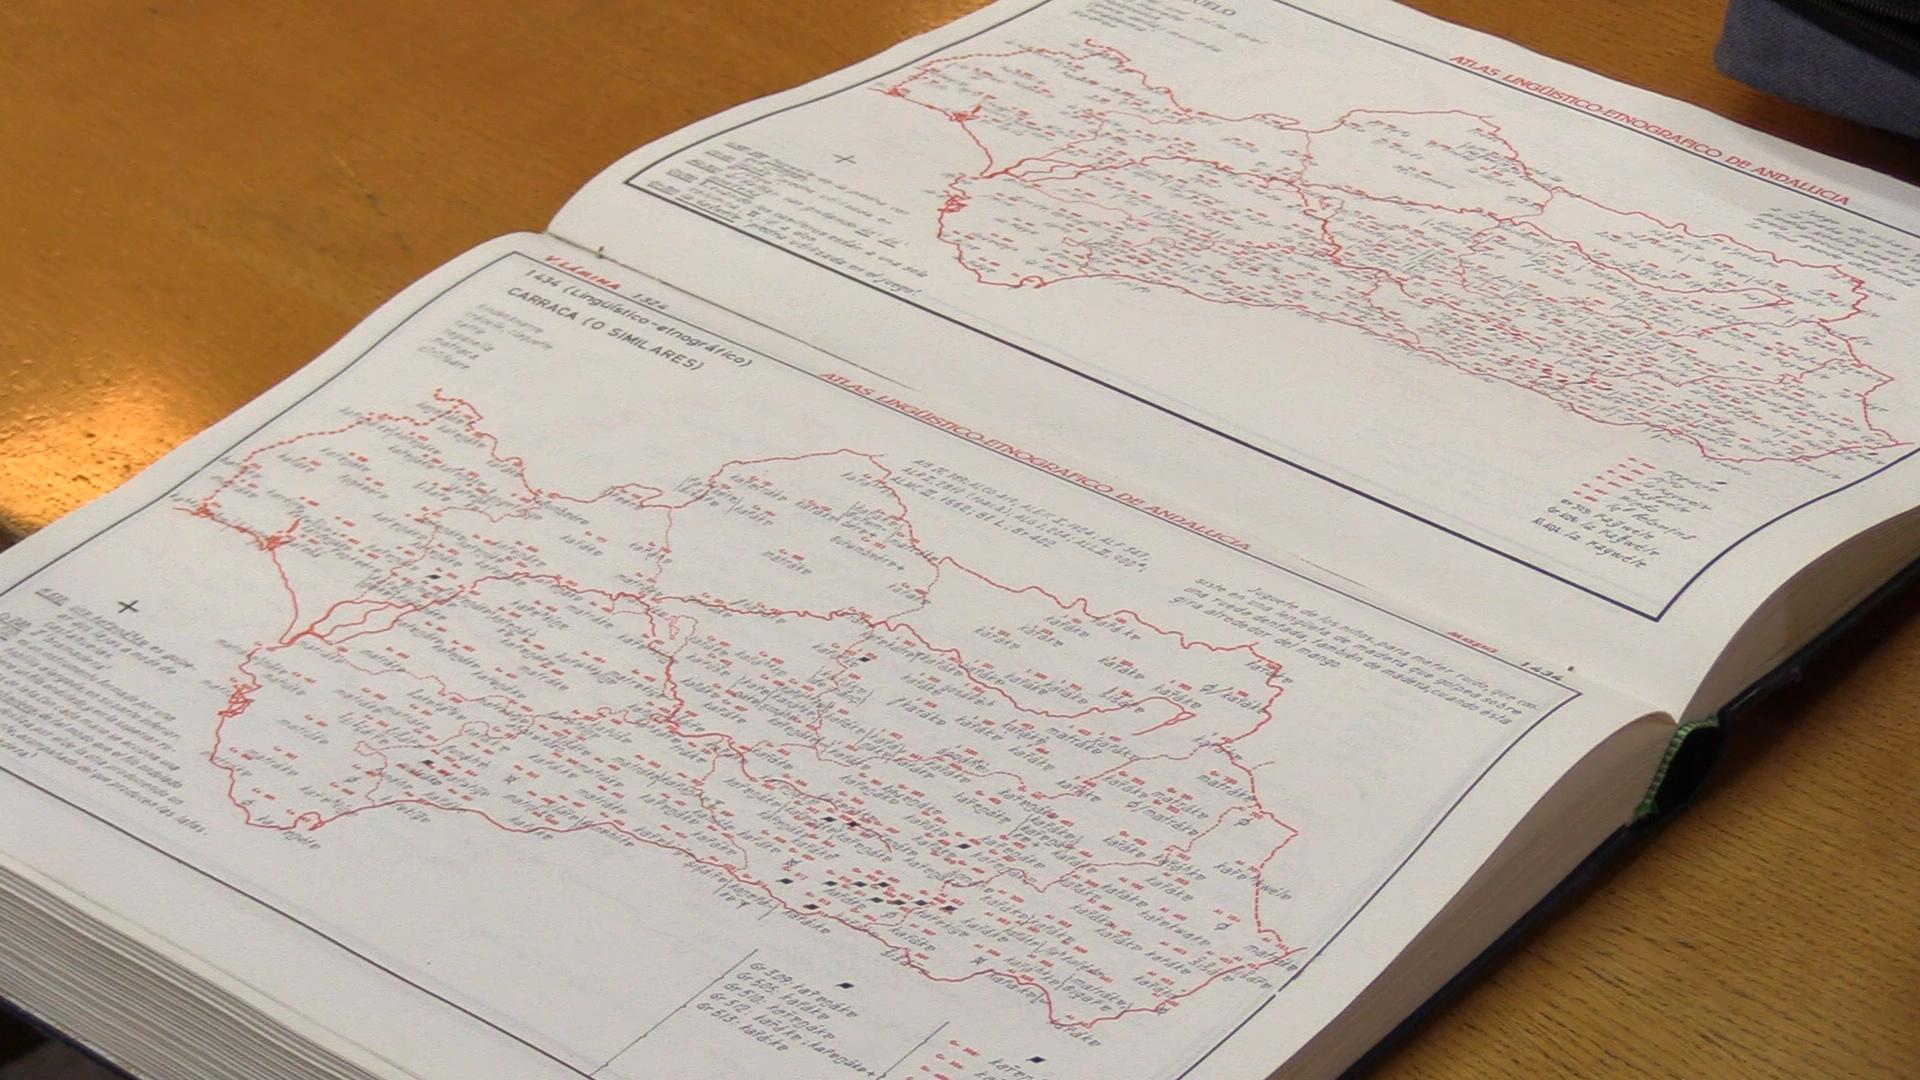 El proyecto VitaLex realiza 'arqueología de las palabras' para preservar vocabulario que se está perdiendo en la Alpujarra de Granada